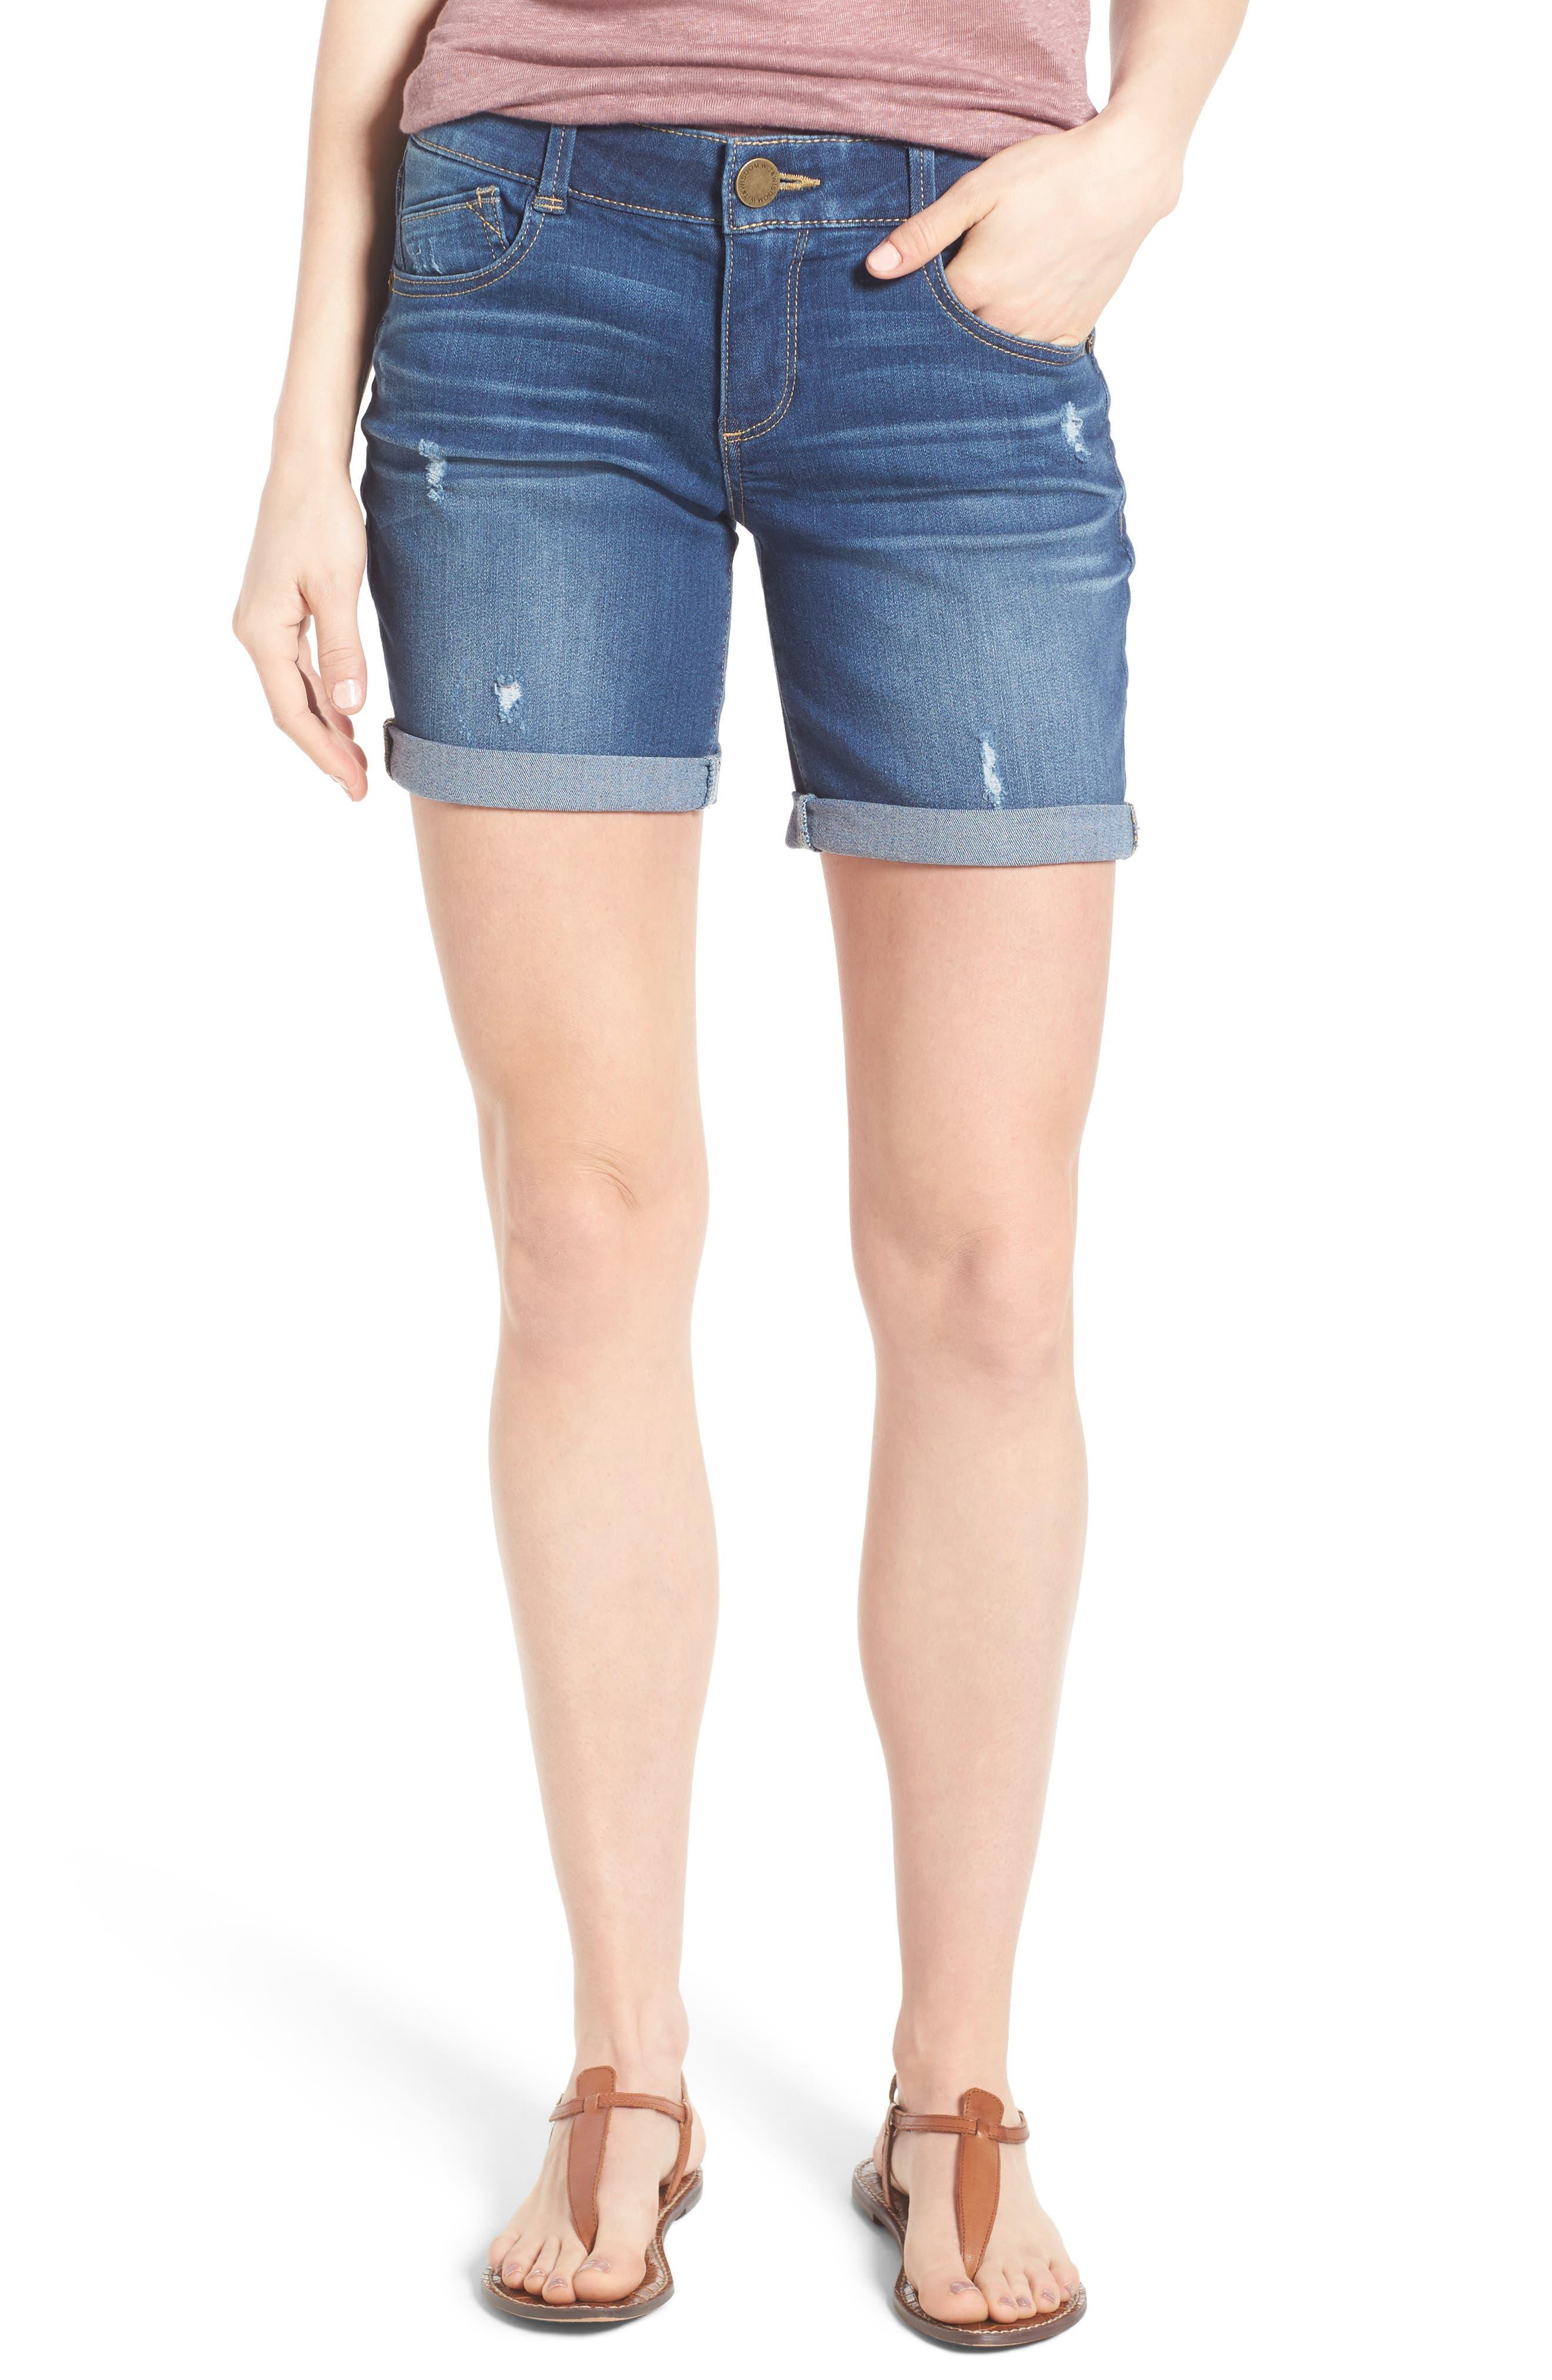 Wit & Wisdom Ab-solution Bermuda Denim Shorts (Regular & Petite) (Nordstrom Exclusive)